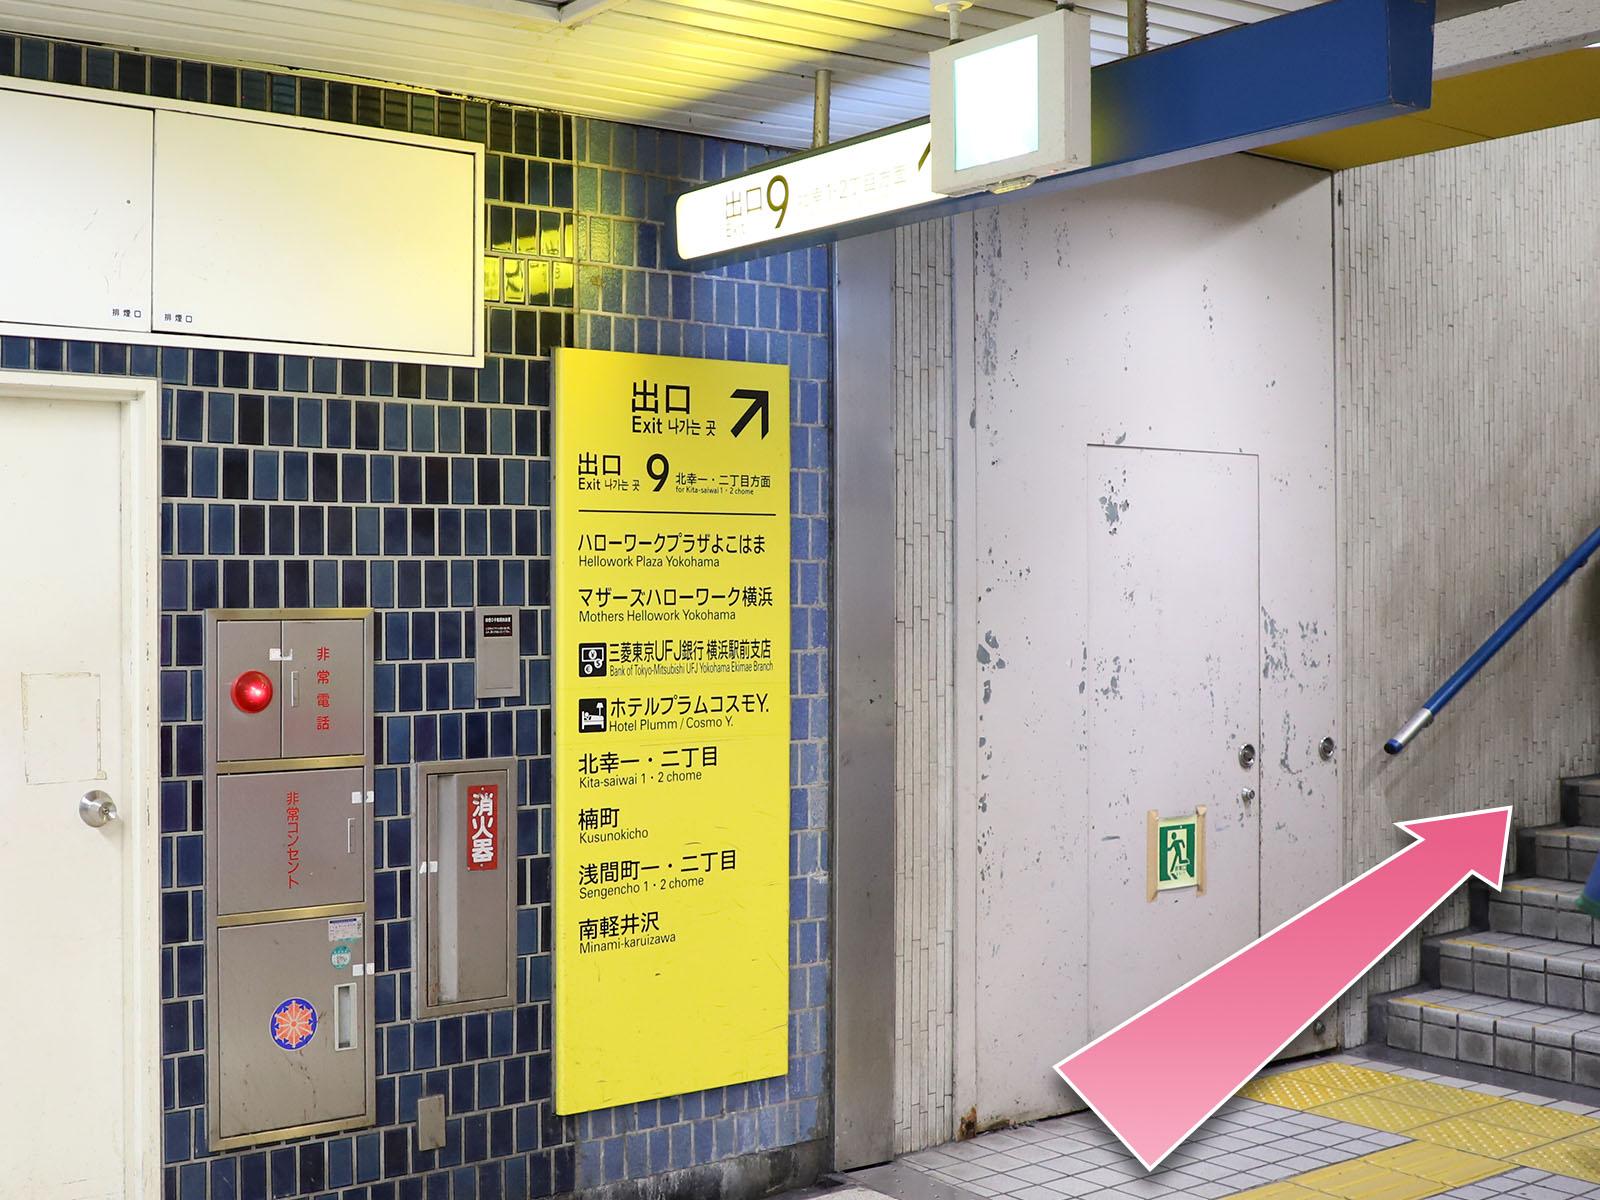 東京中央美容外科横浜院地下鉄ルート01